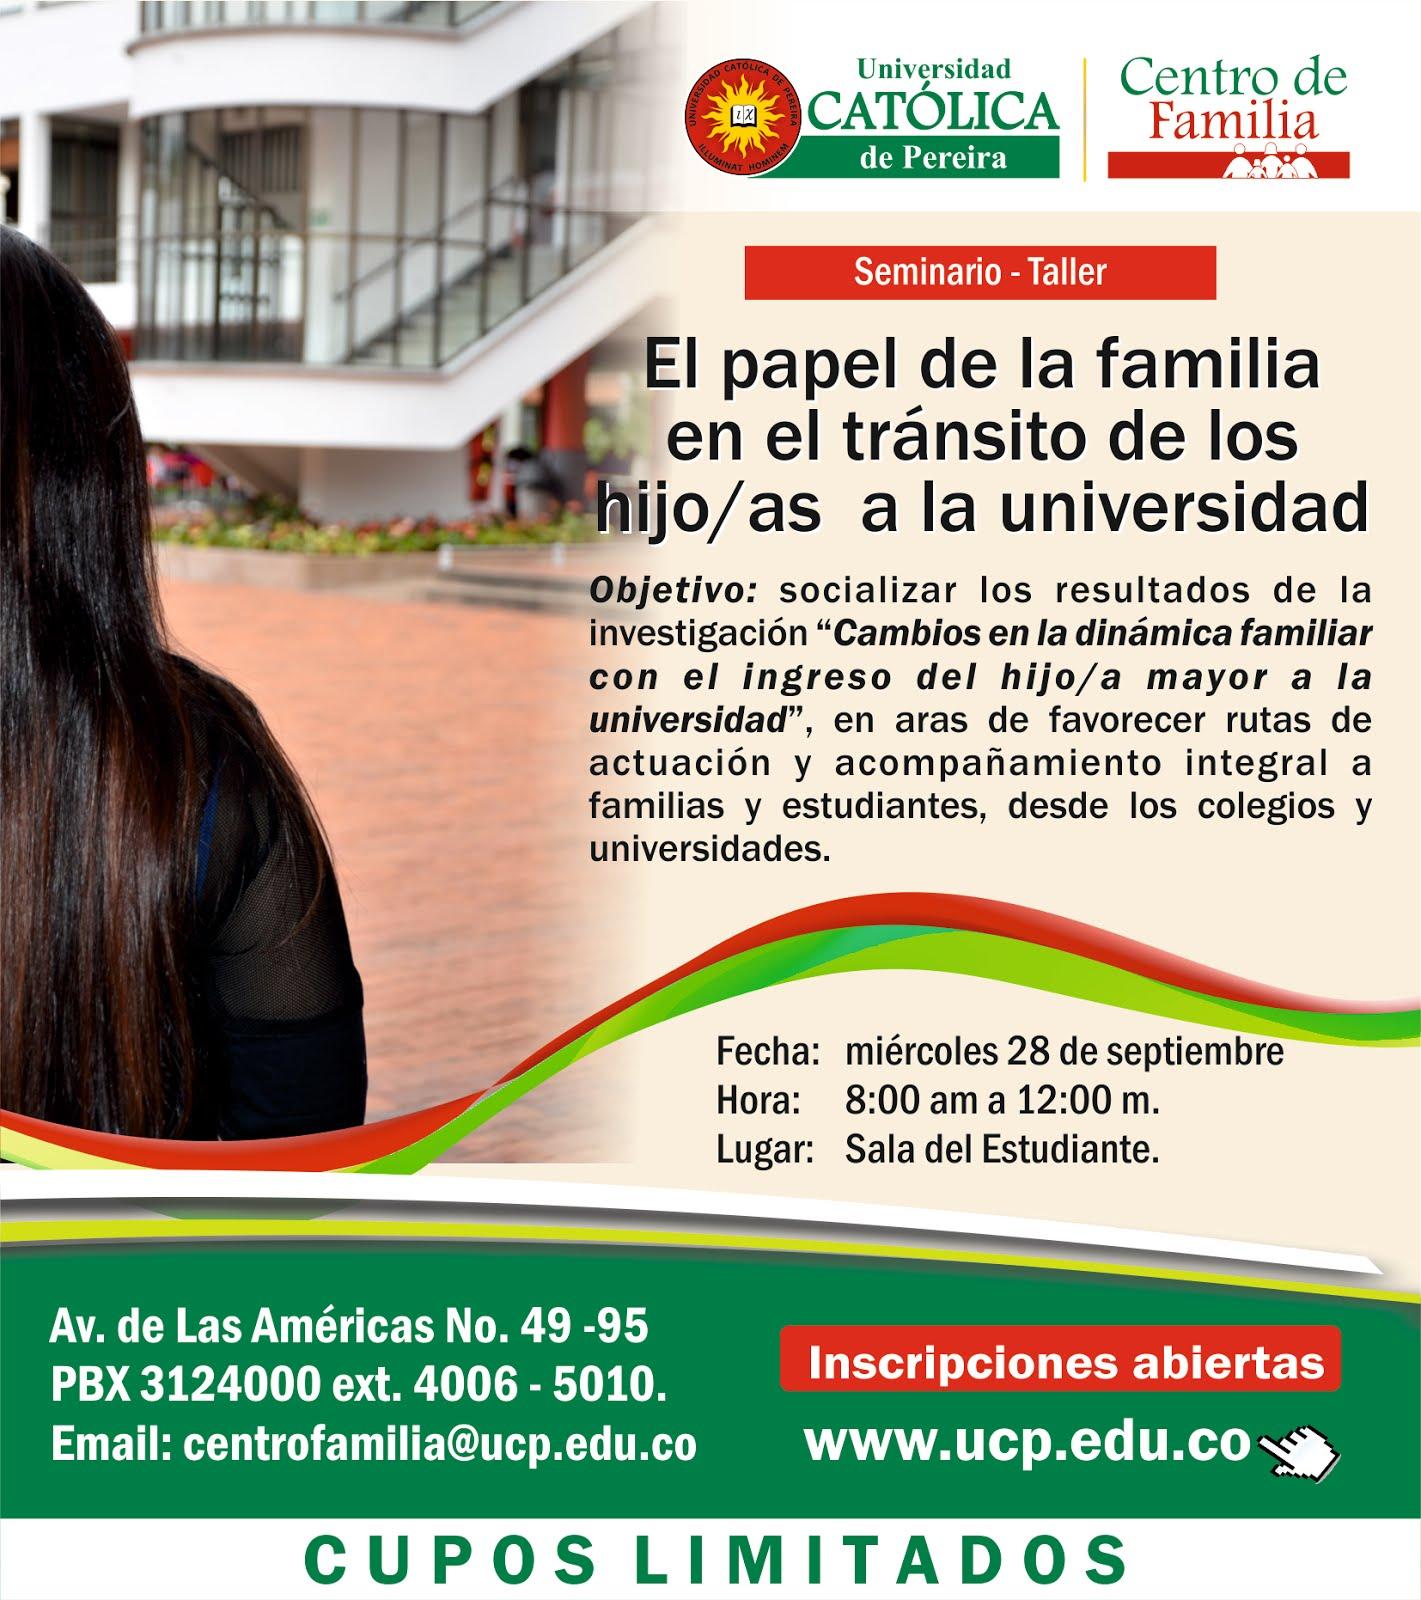 Taller: El Papel de la Familia en el tránsito de los hijos/as a la Universidad